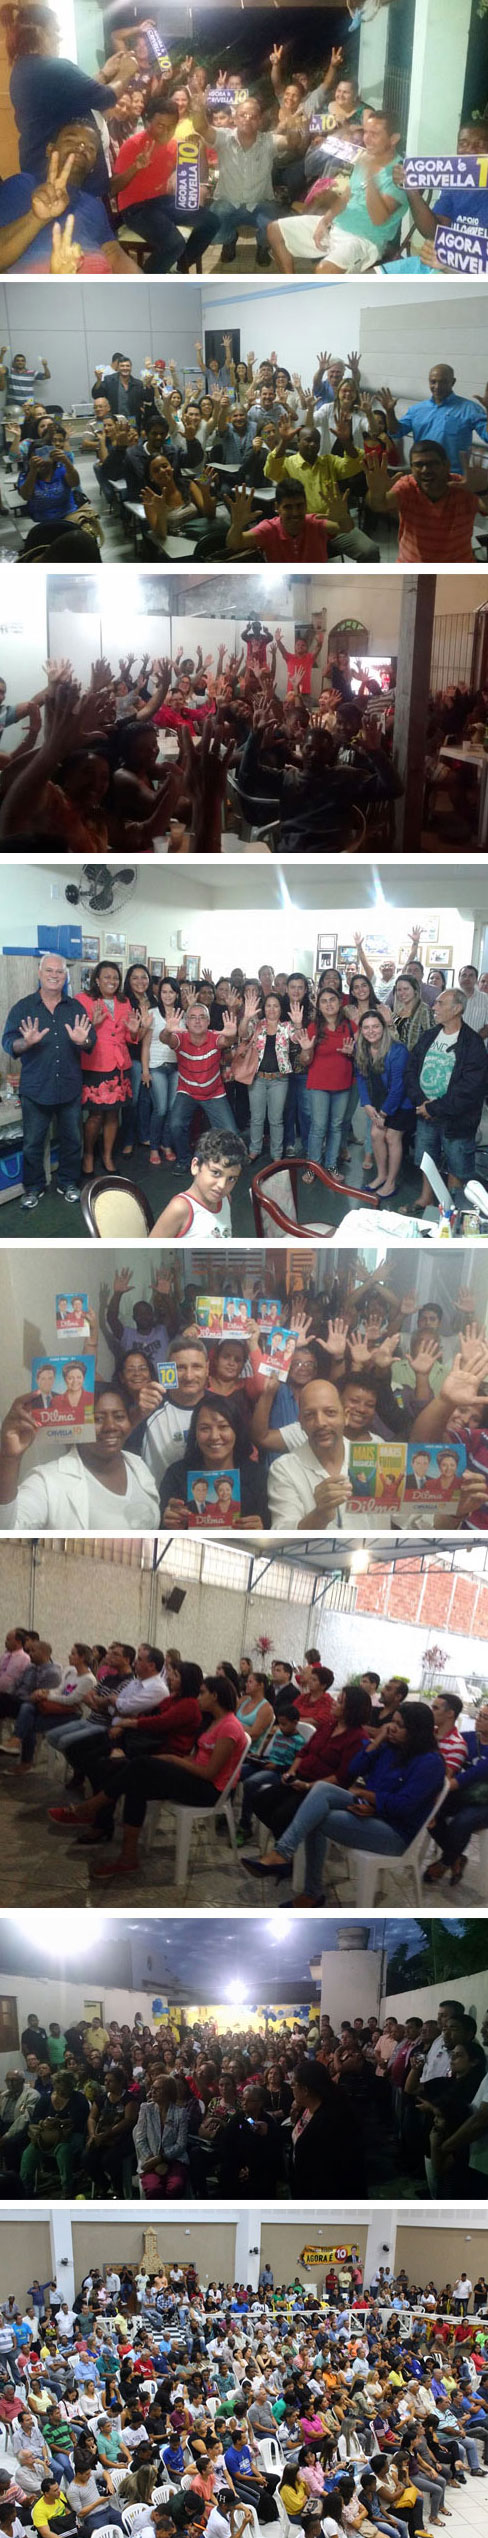 Reuniões realizadas em Campos em apoio a Crivella 10